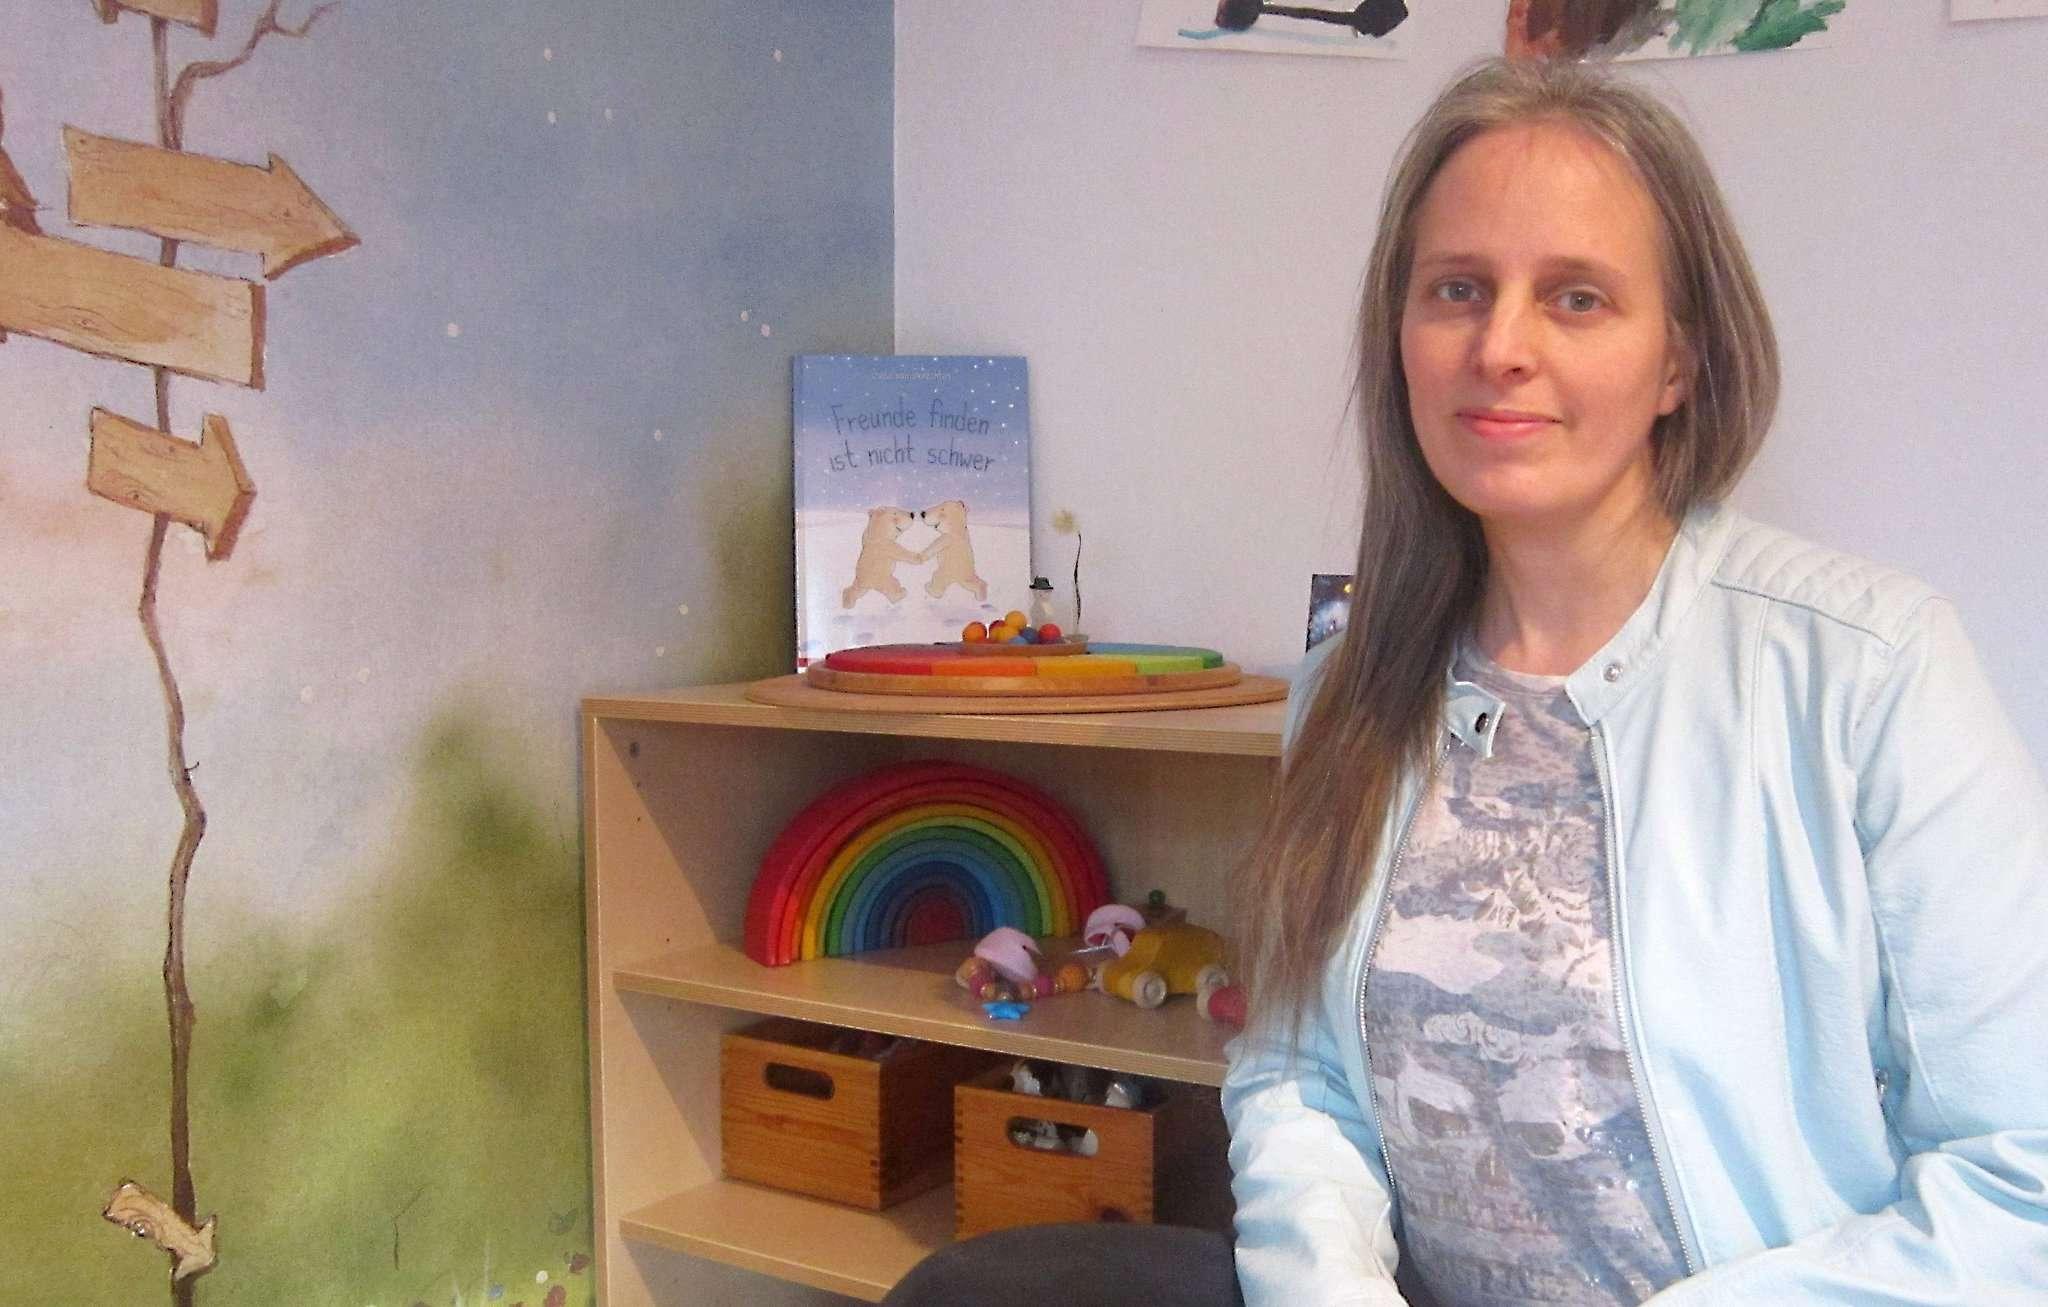 Kirsi Lindemann, Sprecherin der Regionalgruppe Rotenburg der Berufsvereinigung der Kindertagespflegepersonen e.V., fordert einheitliche Lösungen.